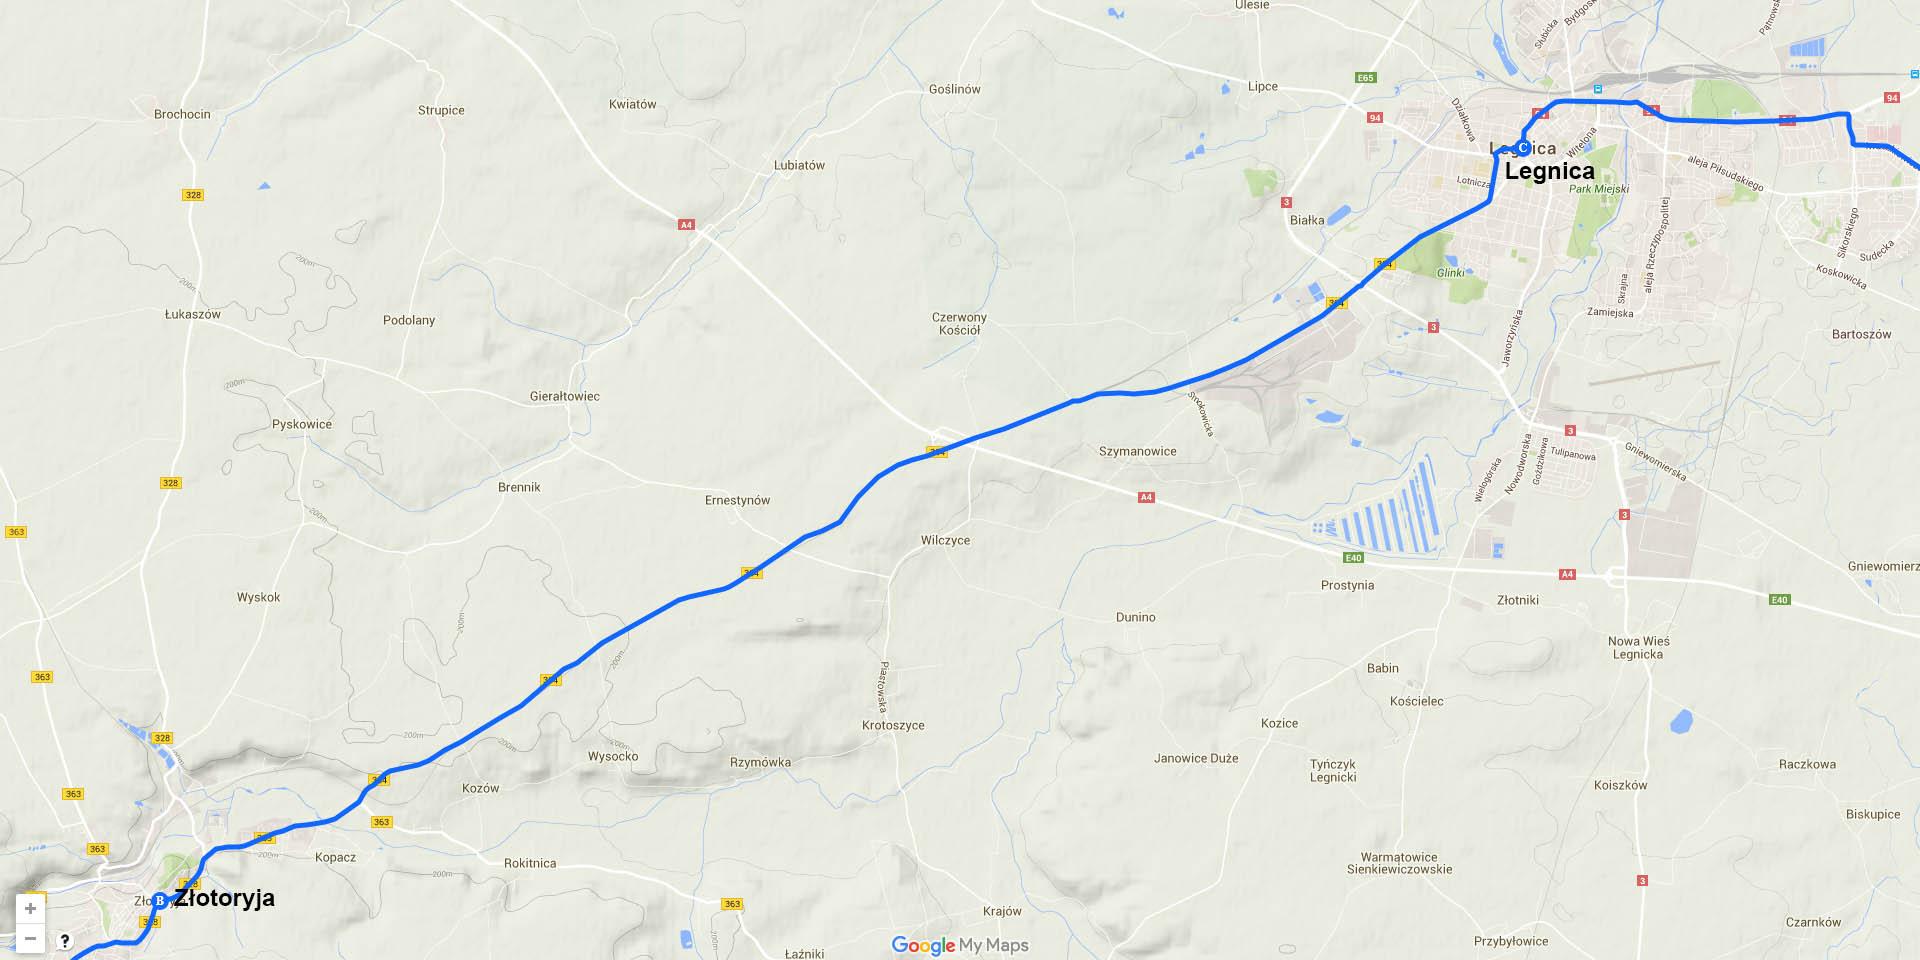 Die Tagesstrecke von Złotoryja nach Legnica (25 km)